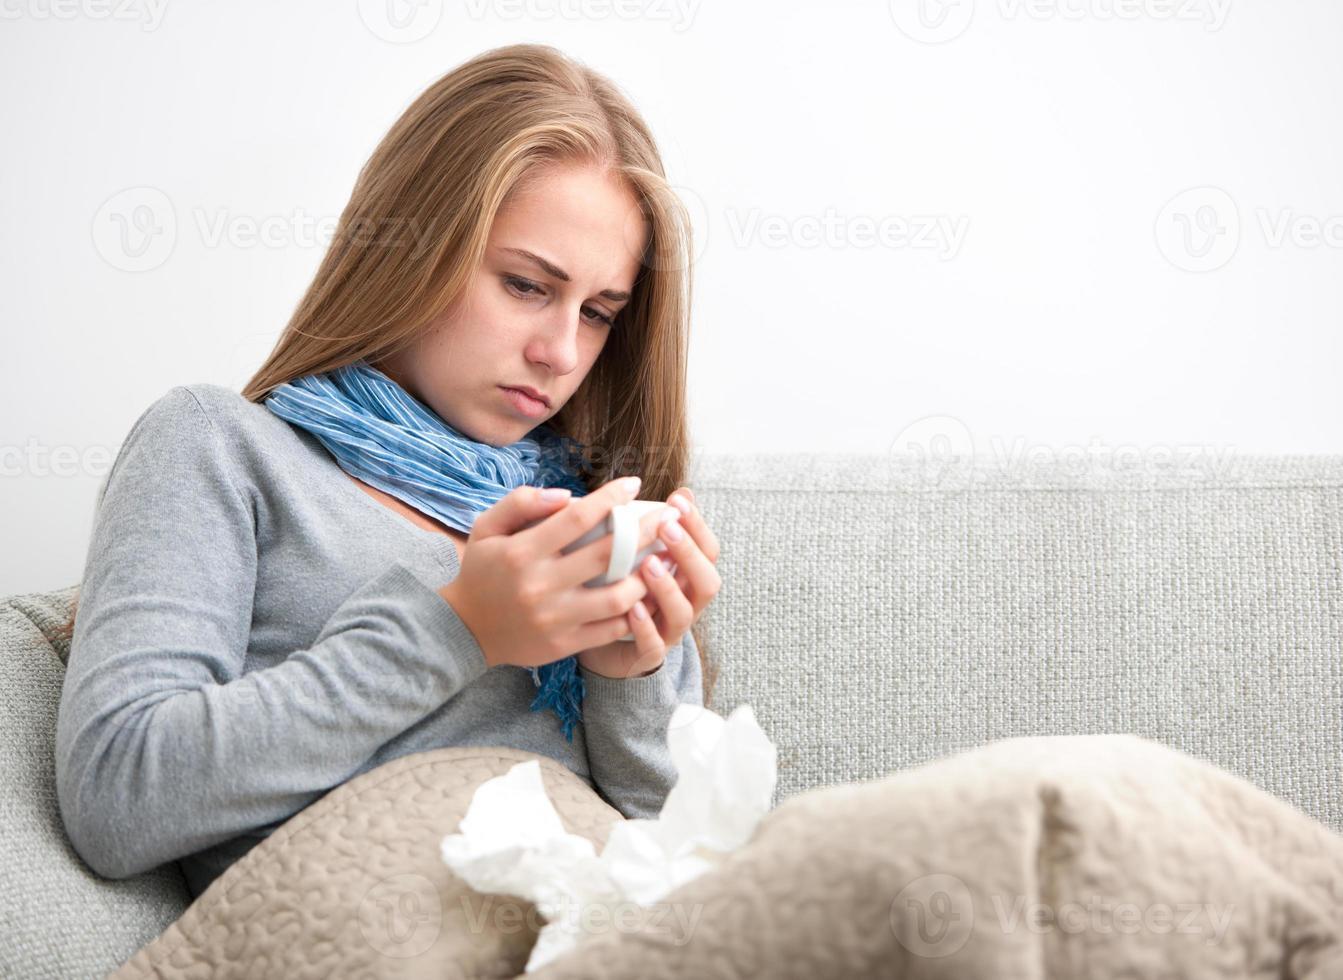 junge Frau mit einer Erkältung foto